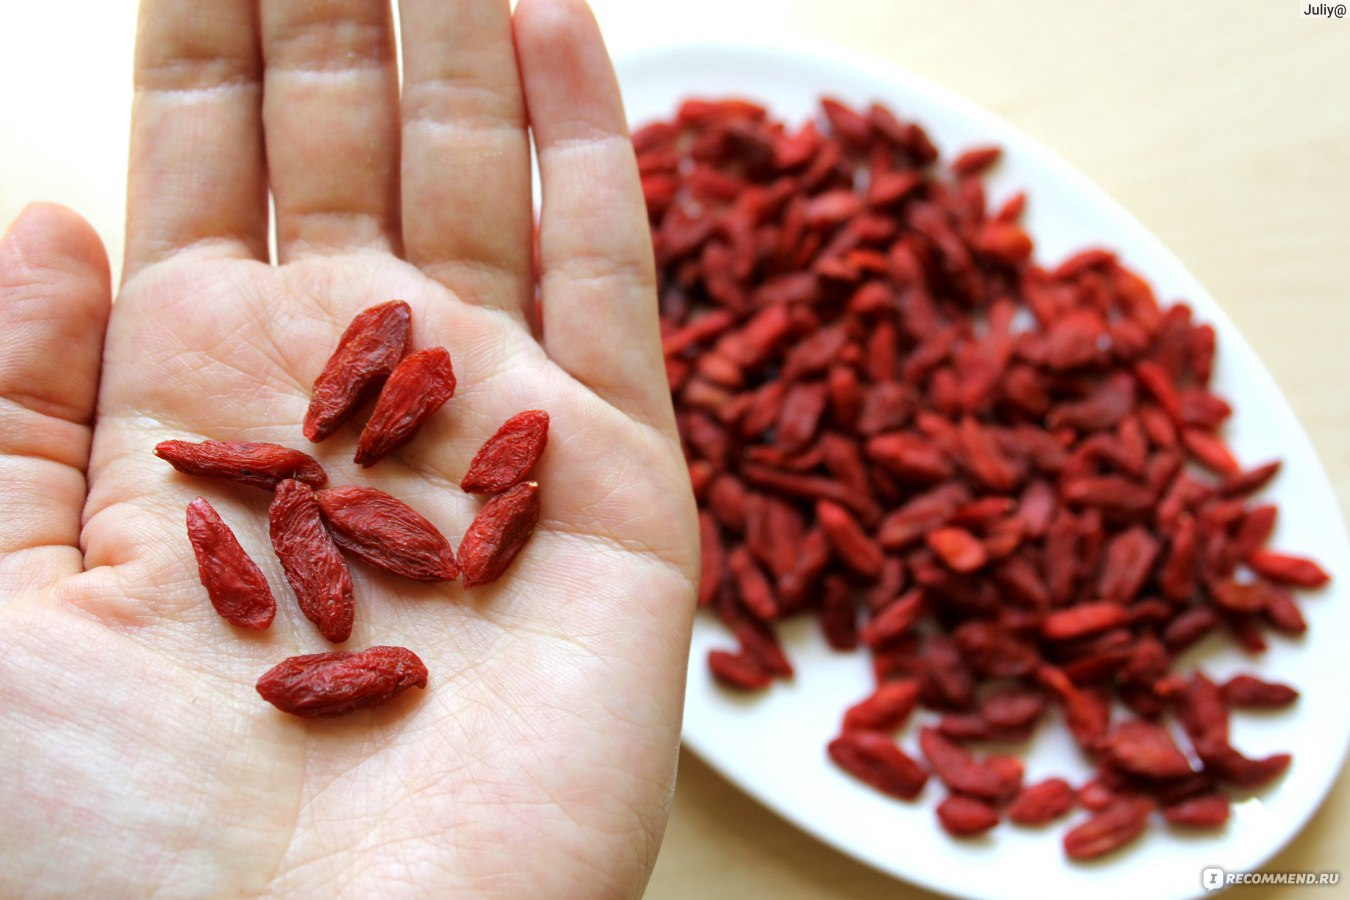 как принимать ягоды годжи для похудения и сколько раз в день отзывы